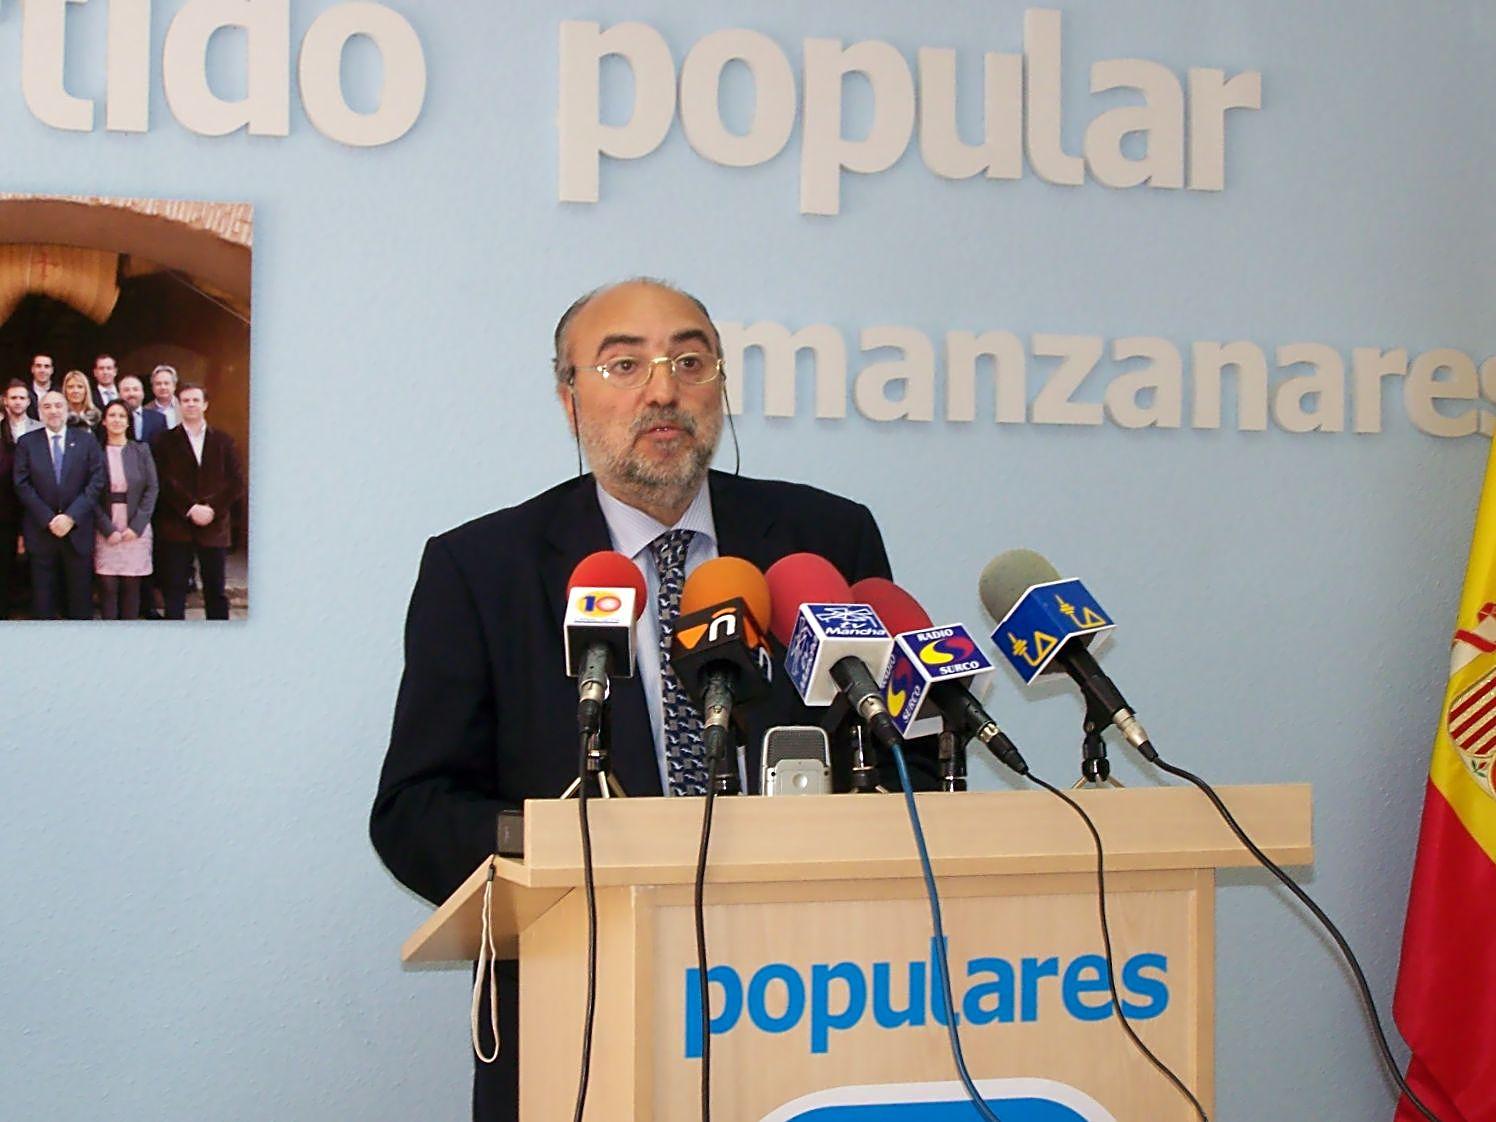 la Fiscalía ha formulado una denuncia ante los juzgados de instrucción Decano de Manzanares (Ciudad Real) contra Antonio López de la Manzanara Nuñez Barranco por un presunto delito de prevaricación